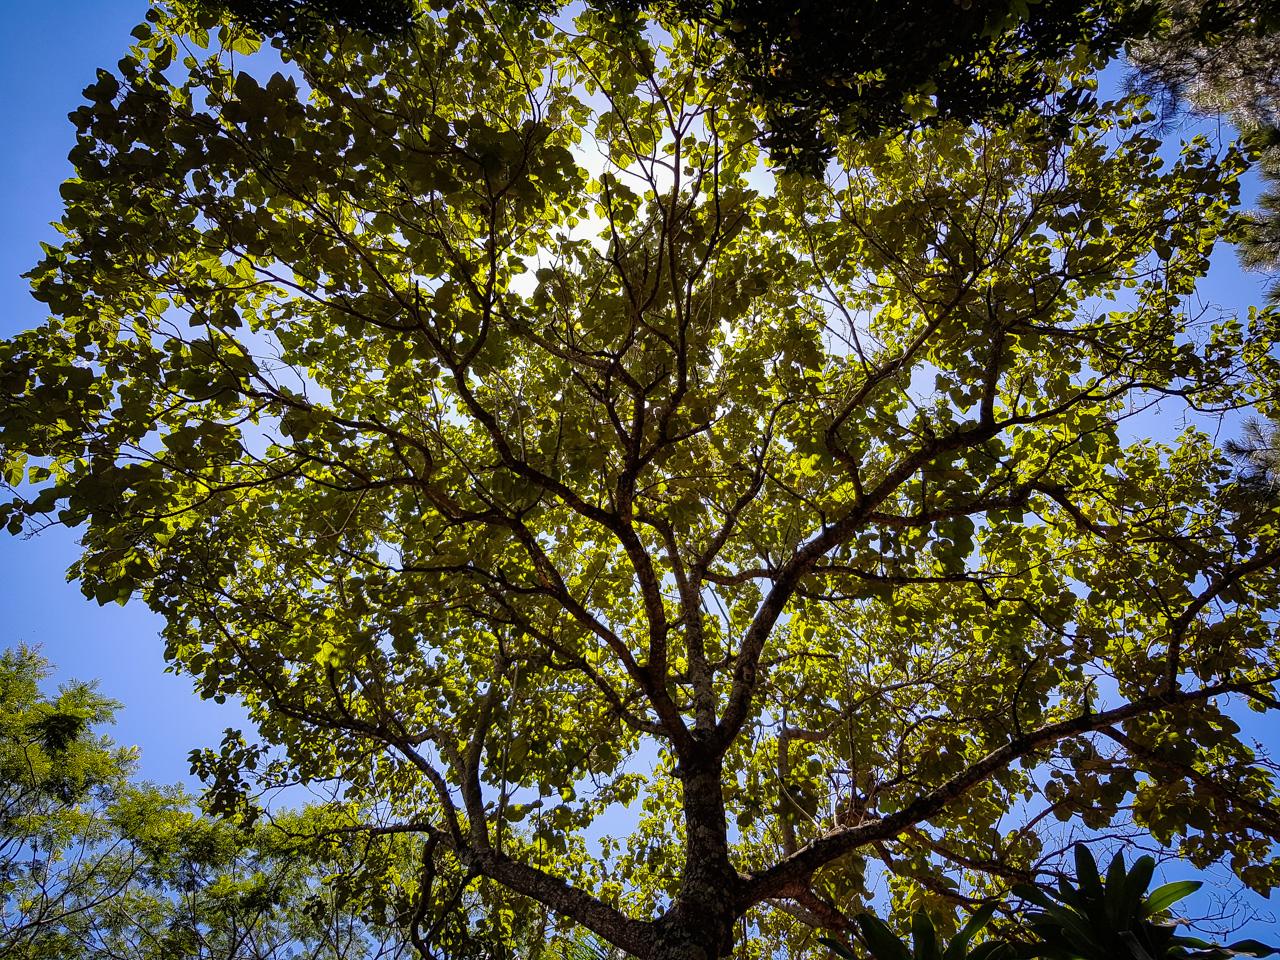 Frondoso árbol que cumple la tarea de tapar el sol y generar sombra para todos. Nos recuerda que tenemos una obligación de seguir plantando y cuidarlos por nuestro propio bien. (Elton Núñez).